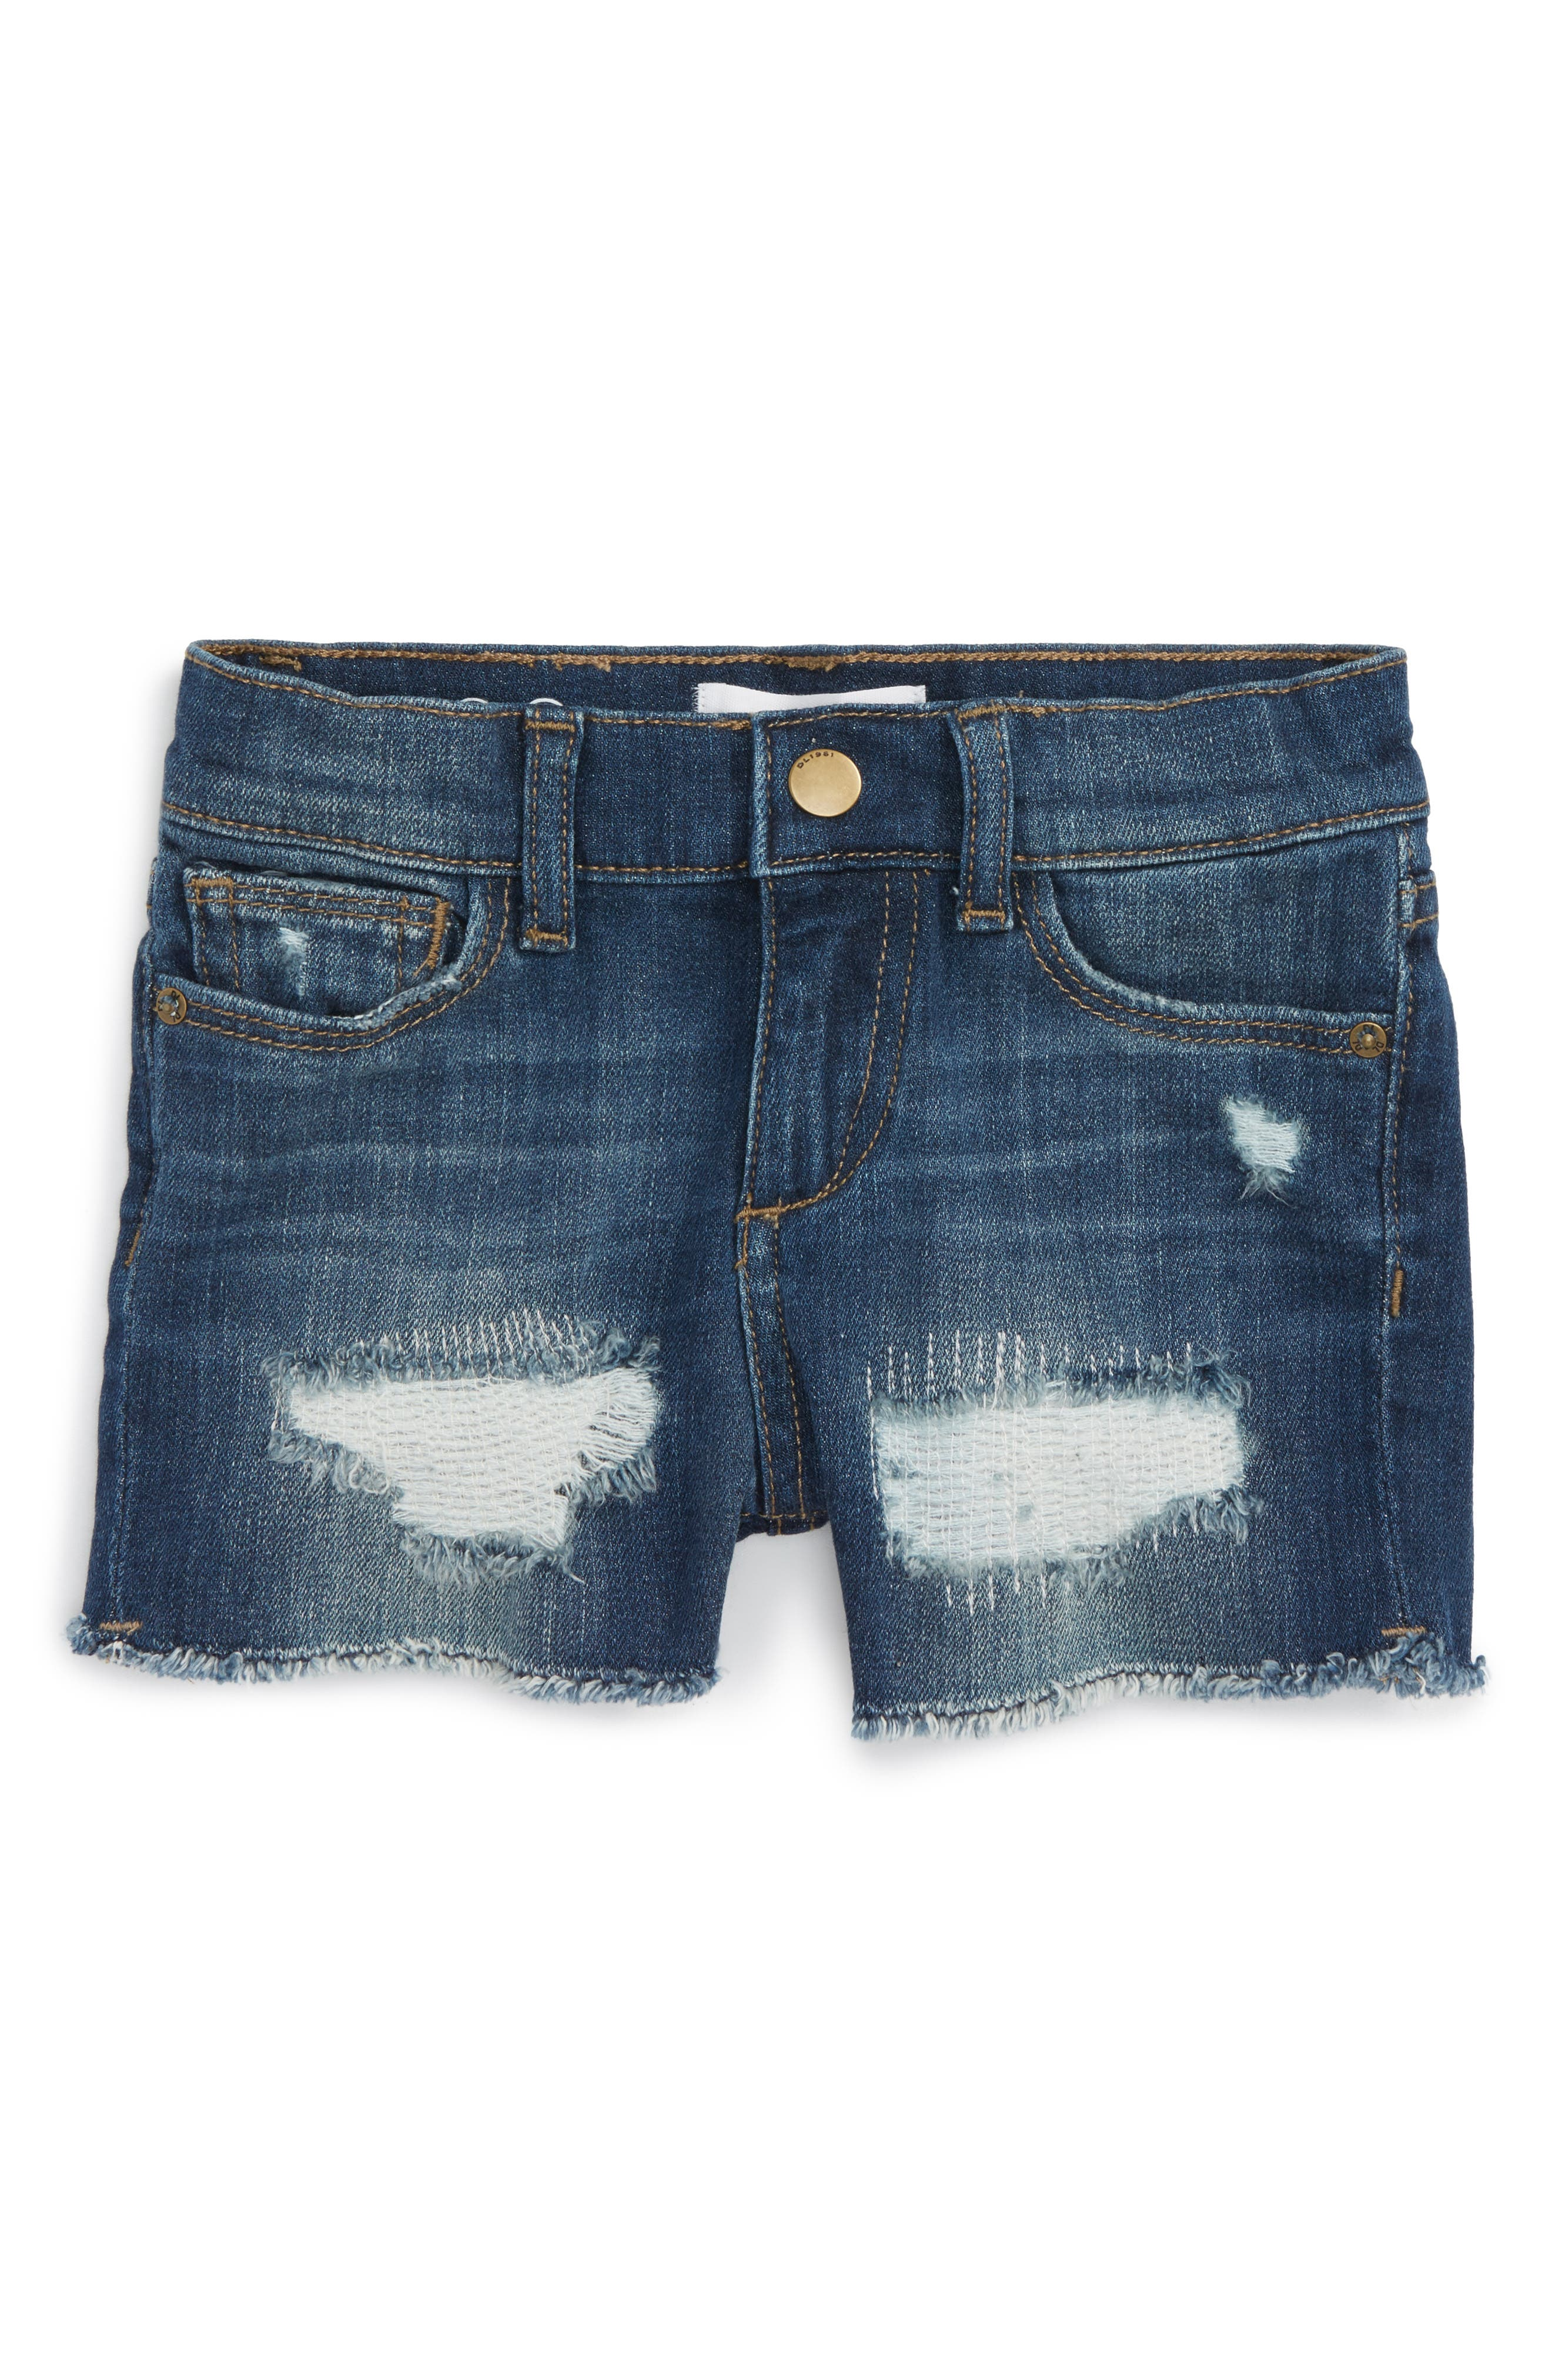 DL1961 Distressed Cutoff Denim Shorts (Toddler Girls & Little Girls)